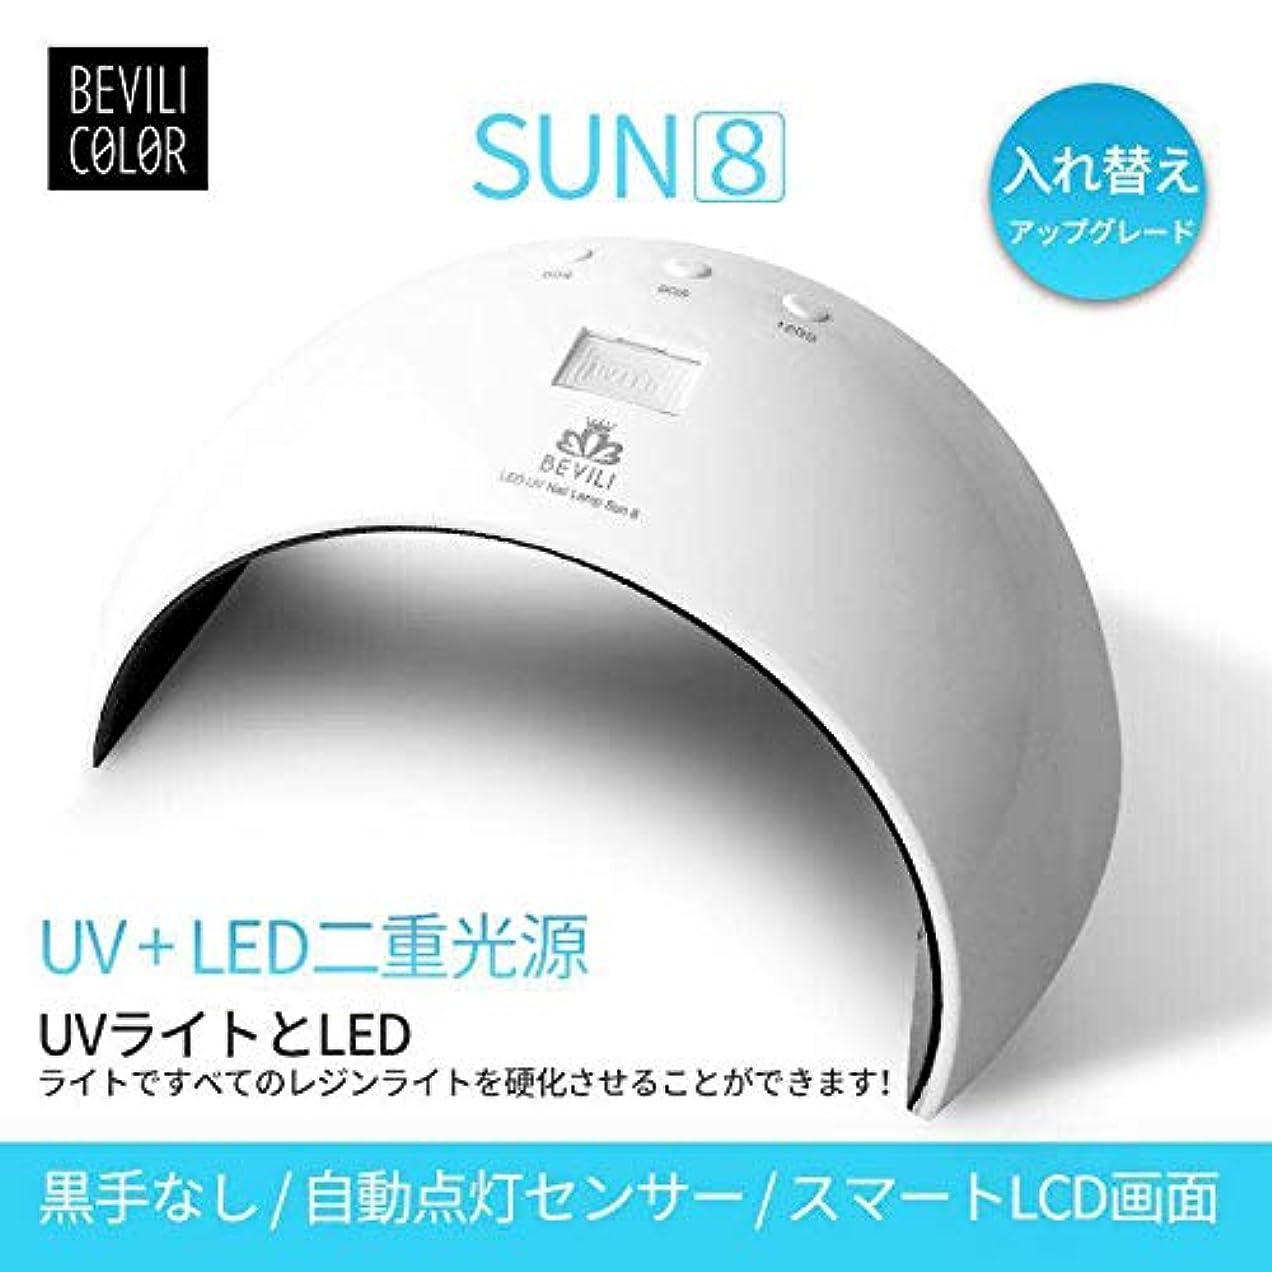 記述する間欠アレルギー性UV LEDネイルドライヤー 人感センサー UVライト24W 180度照射 Laintran 三つタイマー設定可能 UV と LEDダブルライト ジェルネイル用 ホワイト (24W) (ホワイト)